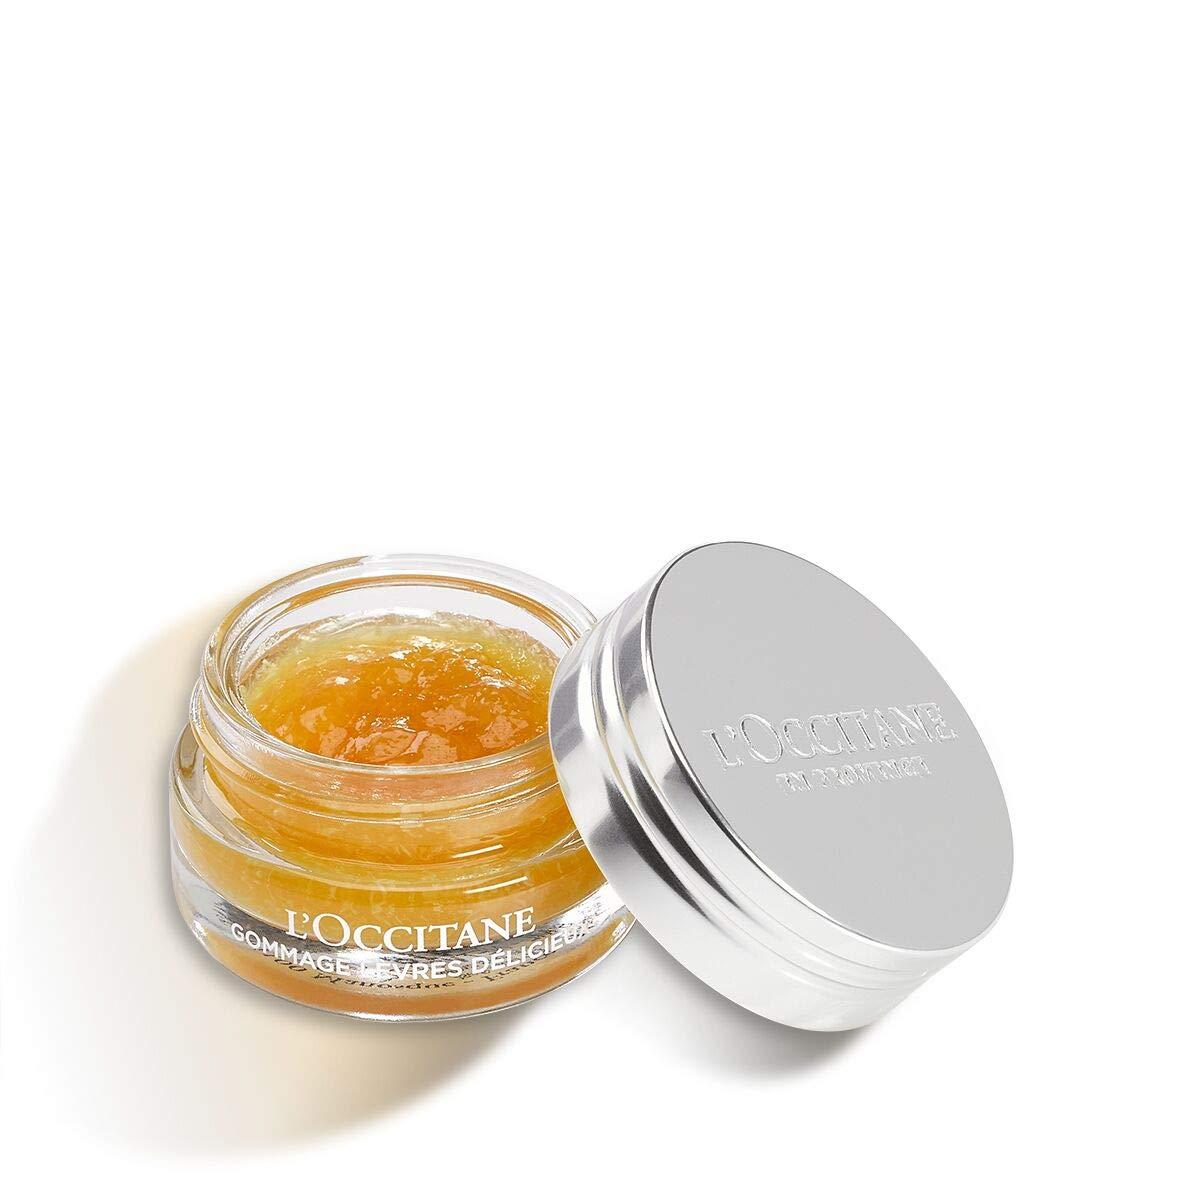 L'Occitane Delicious Lip Scrub - Marmalade Kiss 0.39 oz